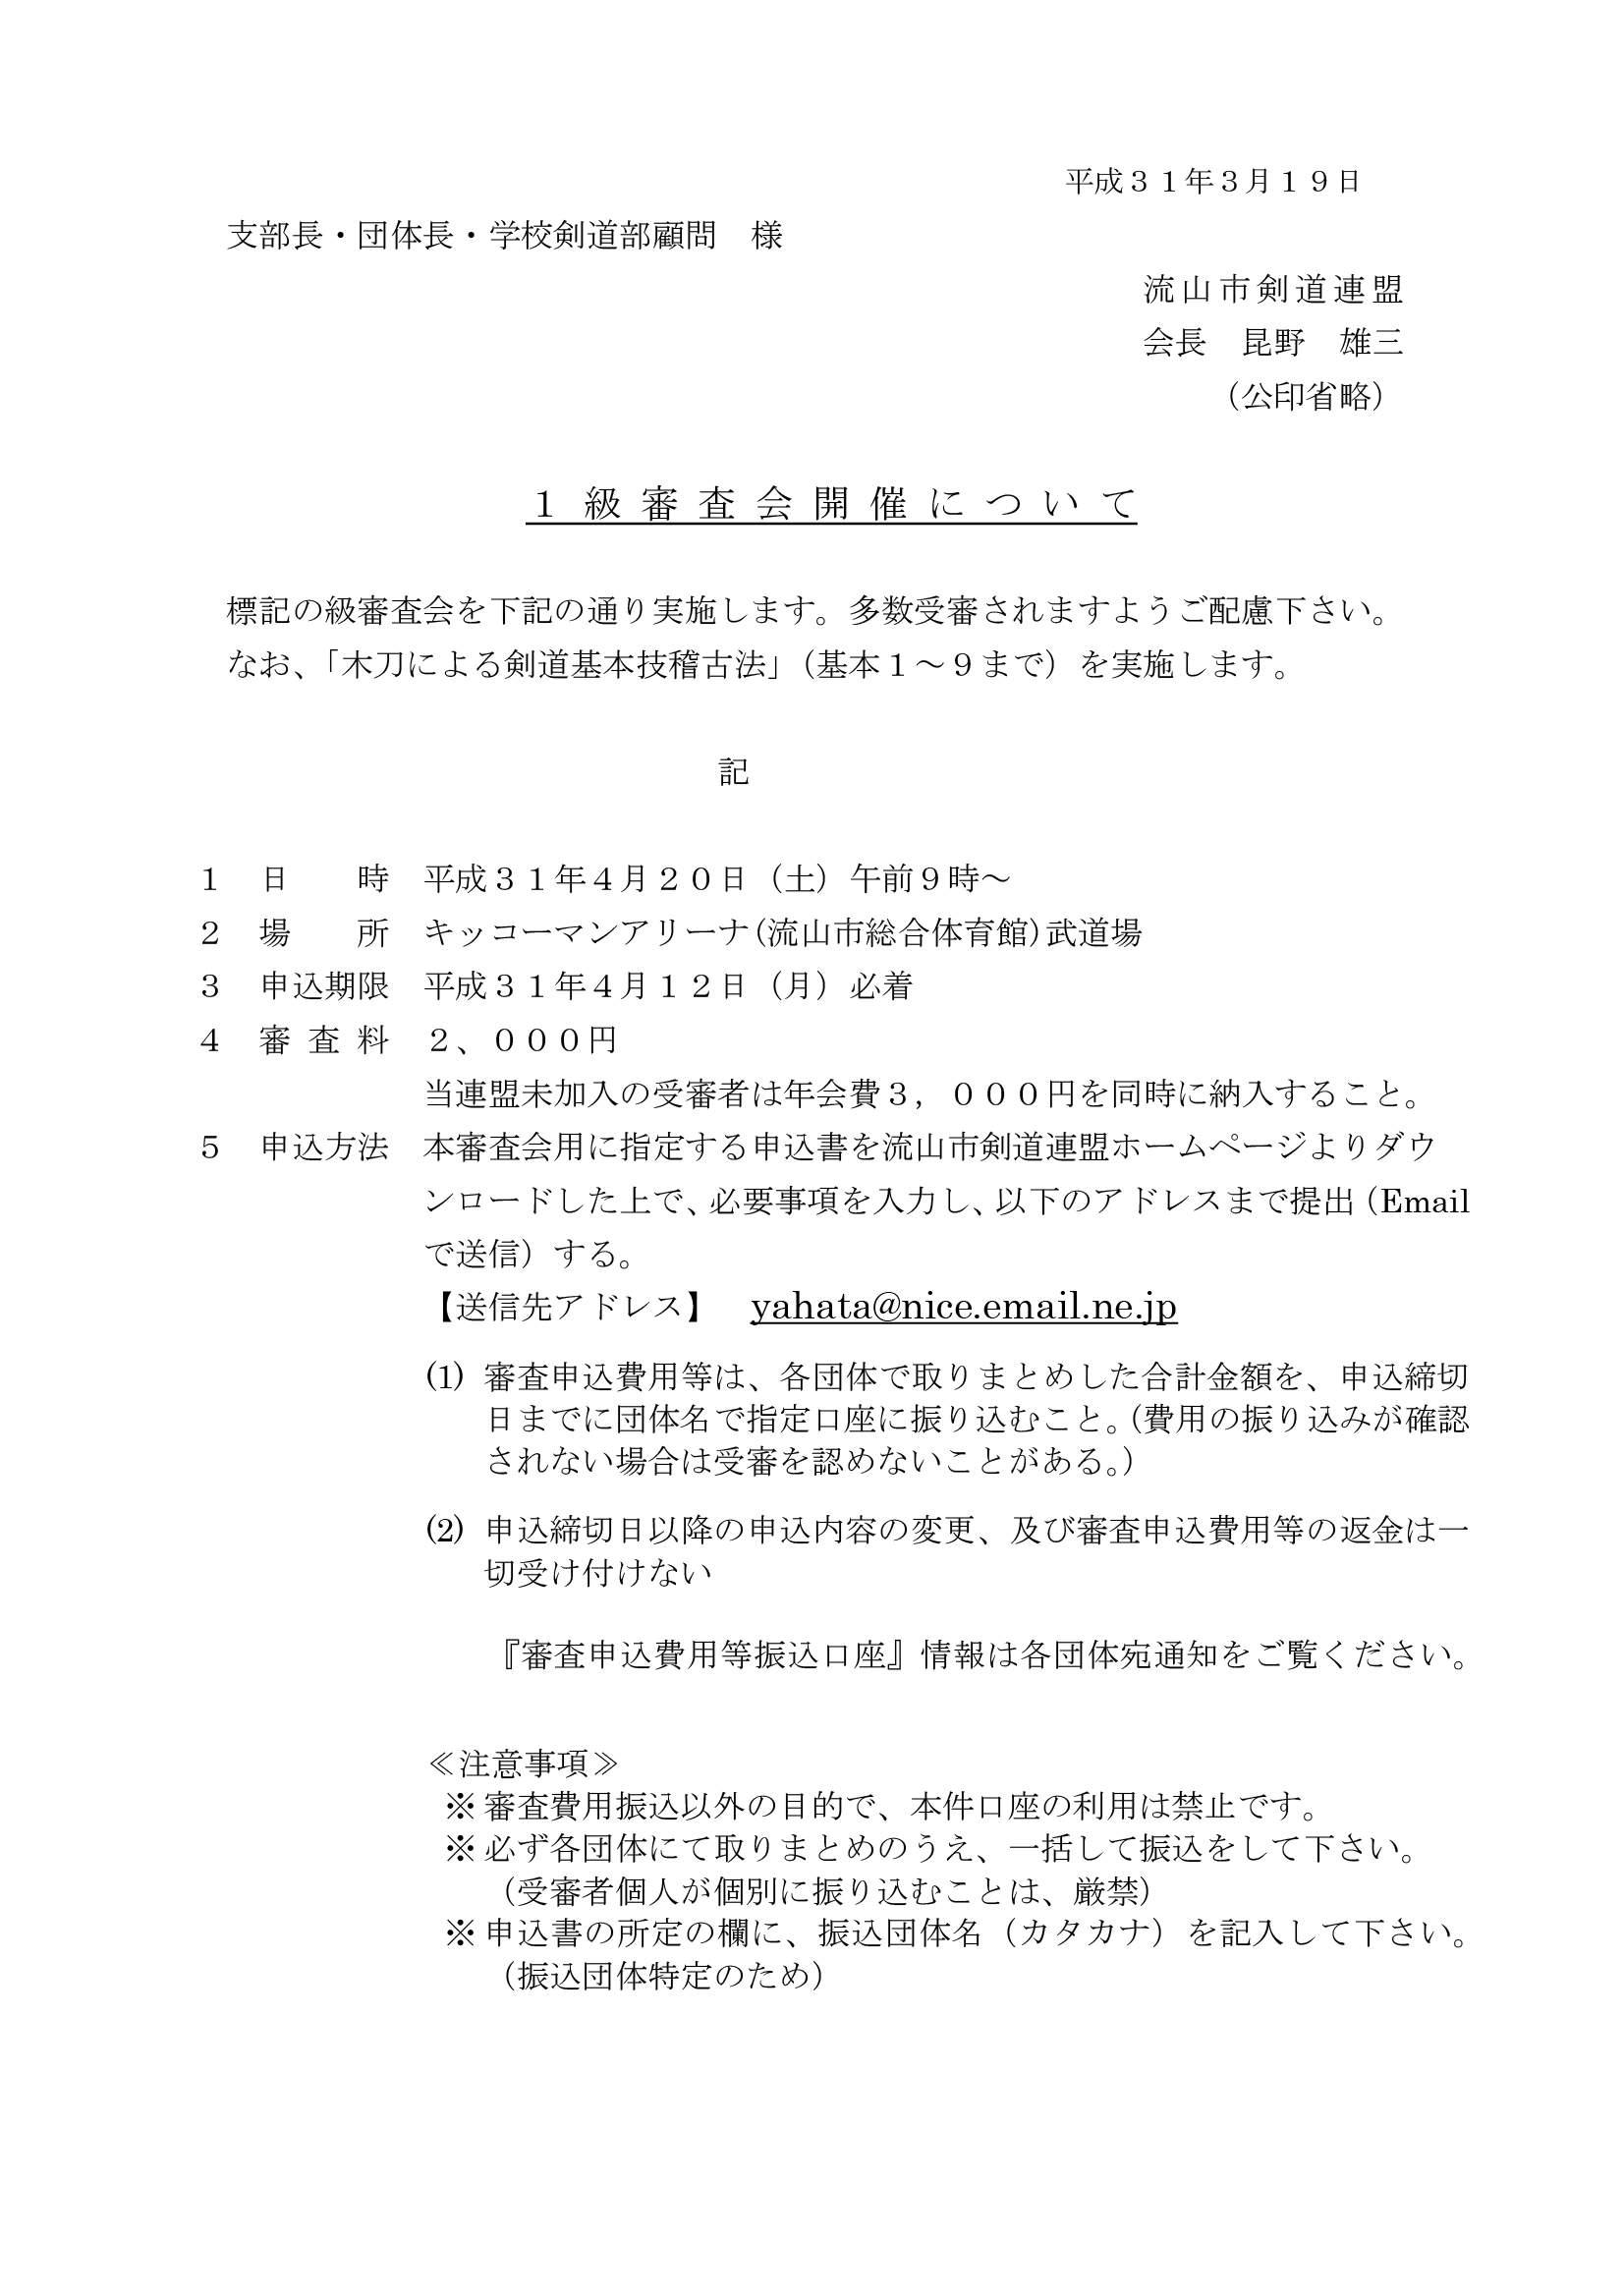 1級審査会案内H31-4(HP版)_0001